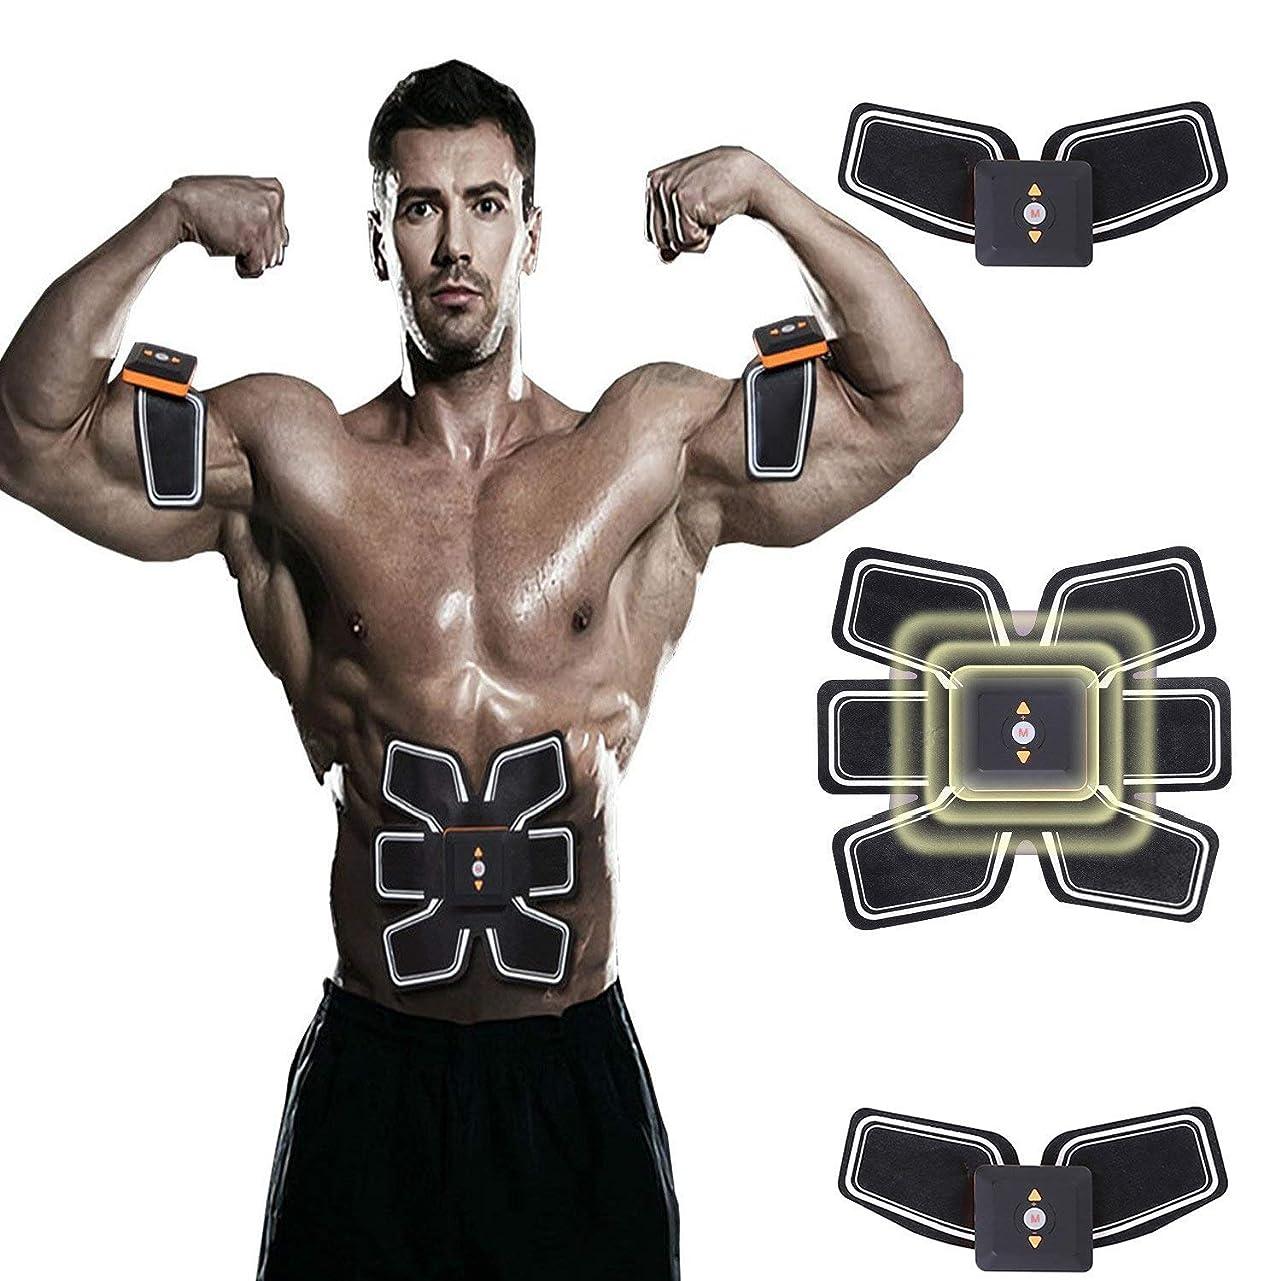 ダブル出血歯痛GWM トレーニングマッサージ筋肉トレーニングベルトトレーナーウエストトレーナーウエストトリミングベルトEMSトレーニング機器、スマートホームオフィスフィットネス機器ユニセックス(320 * 260 * 50mm)